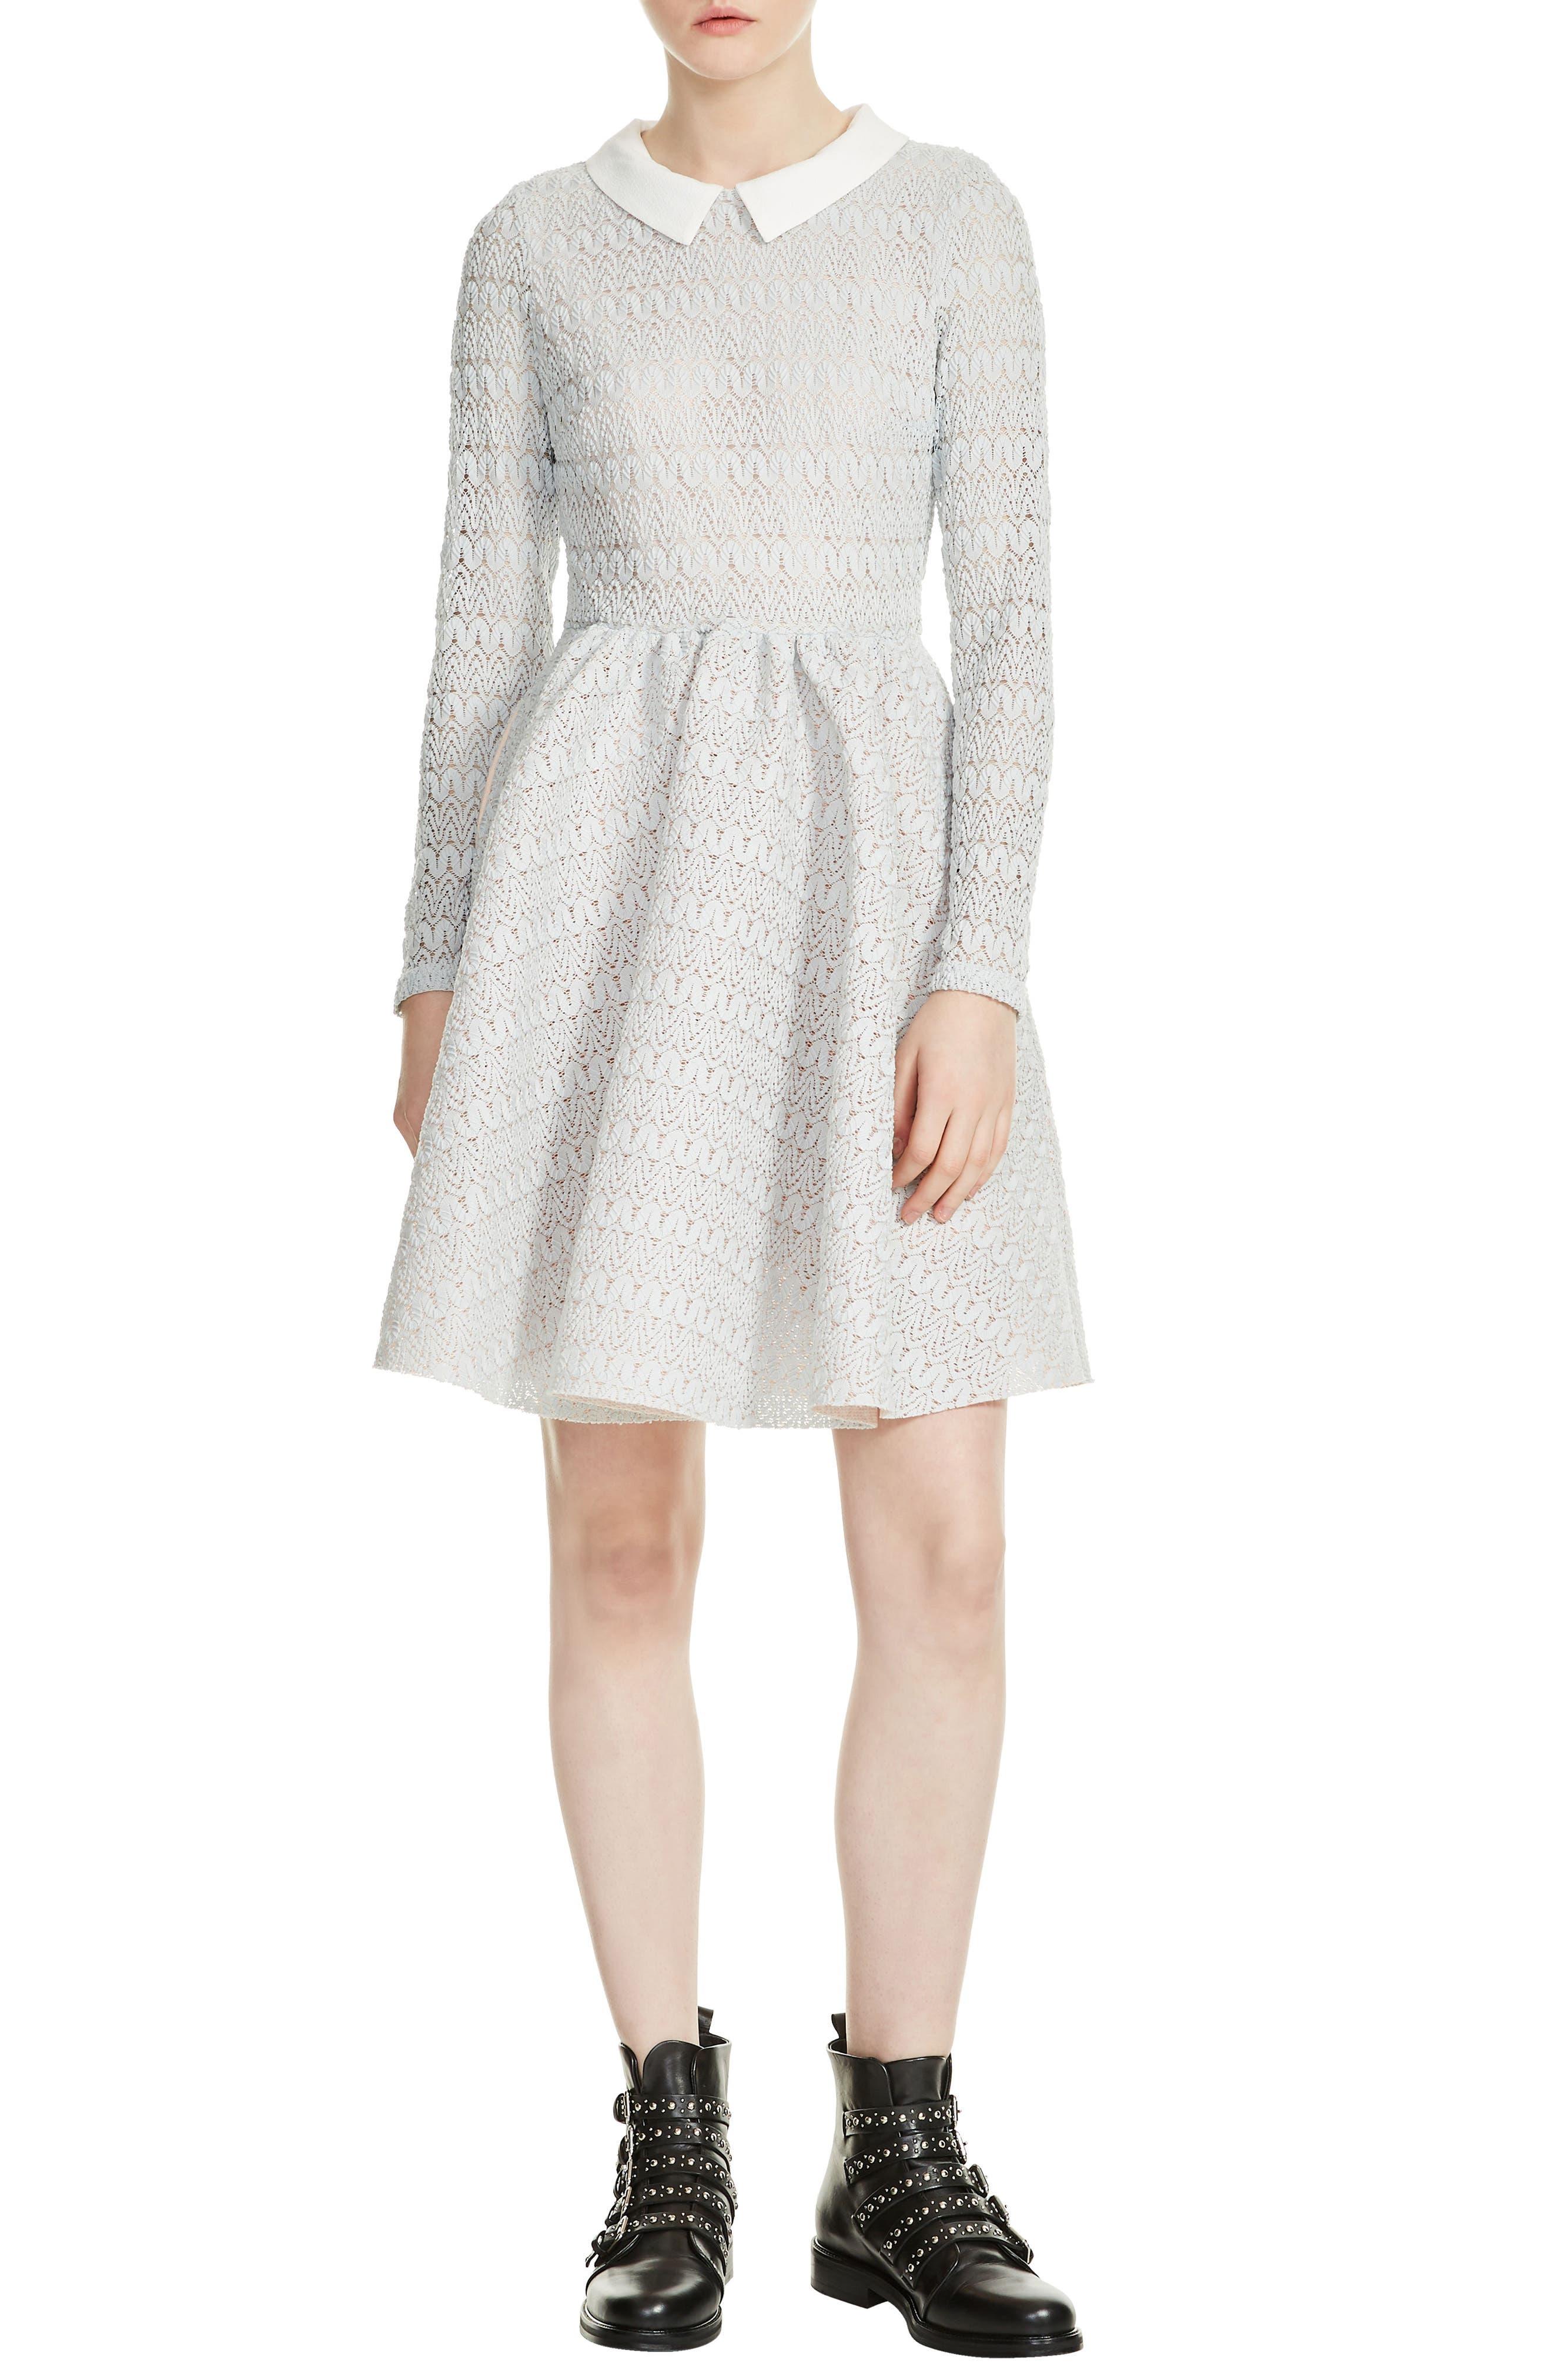 Main Image - maje Rayone Lace Dress